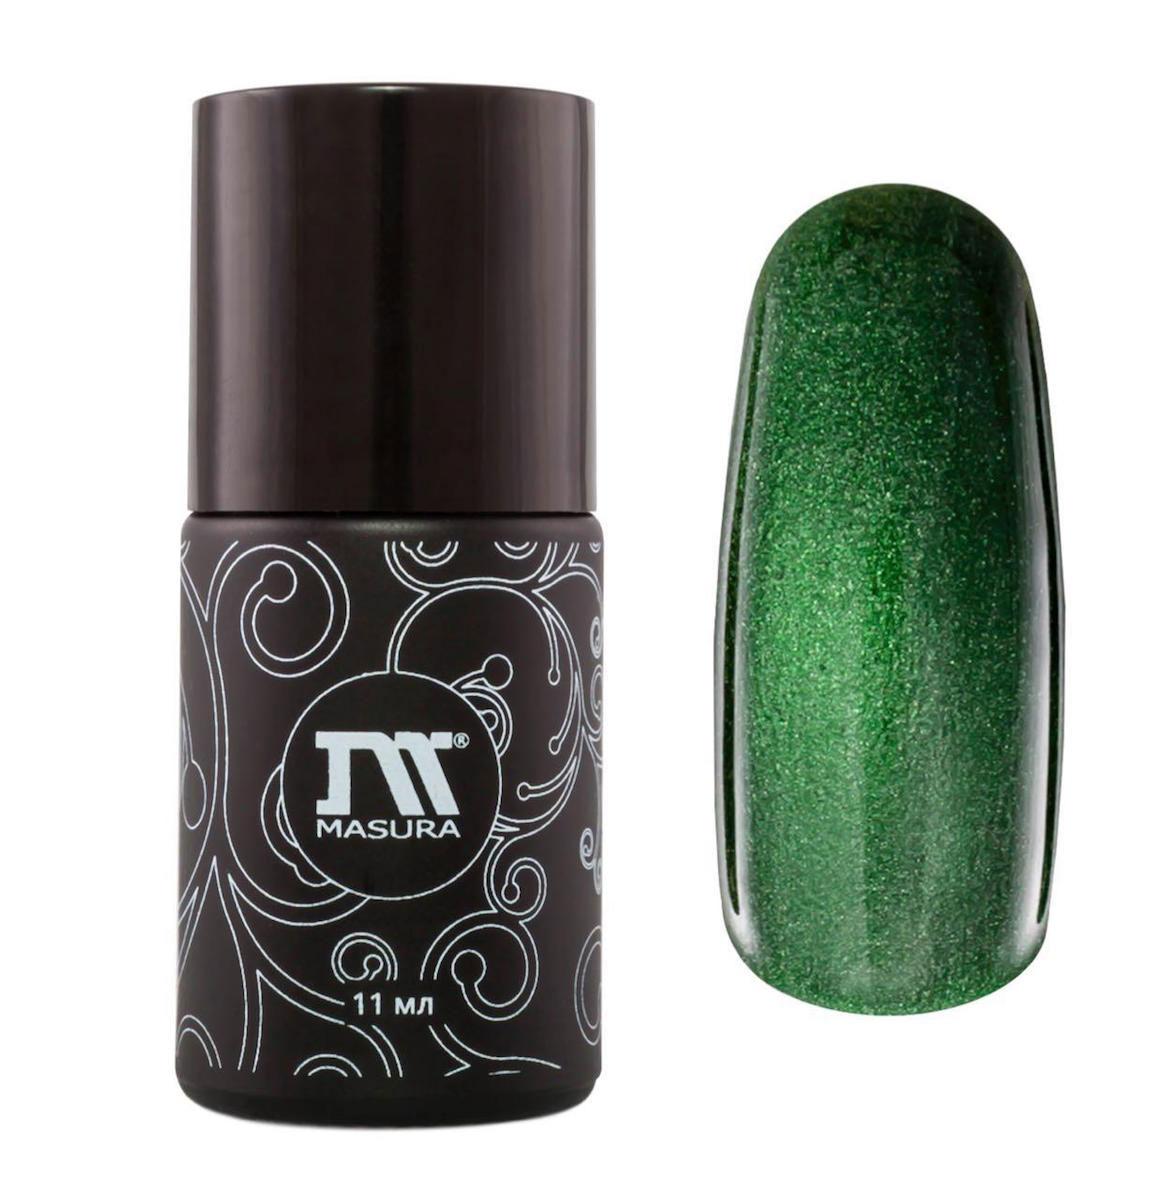 Masura Гель-лак трехфазный Фаберже, тон №295-03, 11 мл295-03SФаберже из коллекции гель-лаков Masura Драгоценные камни - это превосходный теплый изумрудно-зеленый оттенок, с зеркальным переливом, плотный. Маникюр с данным гель-лаком подойдет не только для особого случая, но и на каждый день, не надоест и сможет выгодно подчеркнуть любой образ. Этот насыщенный оттенок отлично сочетается с любыми цветами в одежде, а невероятный эффект, созданный при помощи магнита, придаст каждому ноготку уникальный и неповторимый вид. С помощью магнита вы можете вывести на первый план серебро лака либо сам оттенок; один лак сочетает в себе множество возможностей для дизайна и нэйл-арта. Ко всему вышеперечисленному, вы можете использовать слайдер-дизайн или стемпинг. Тогда маникюр начнет играть новыми, удивительными красками, создавая образ неповторимой, творческой личности. Используя данный гель-лак Masura, вы станете обладательницей исключительного рисунка на ваших ноготках и привлечете к себе внимание окружающих. Товар сертифицирован.